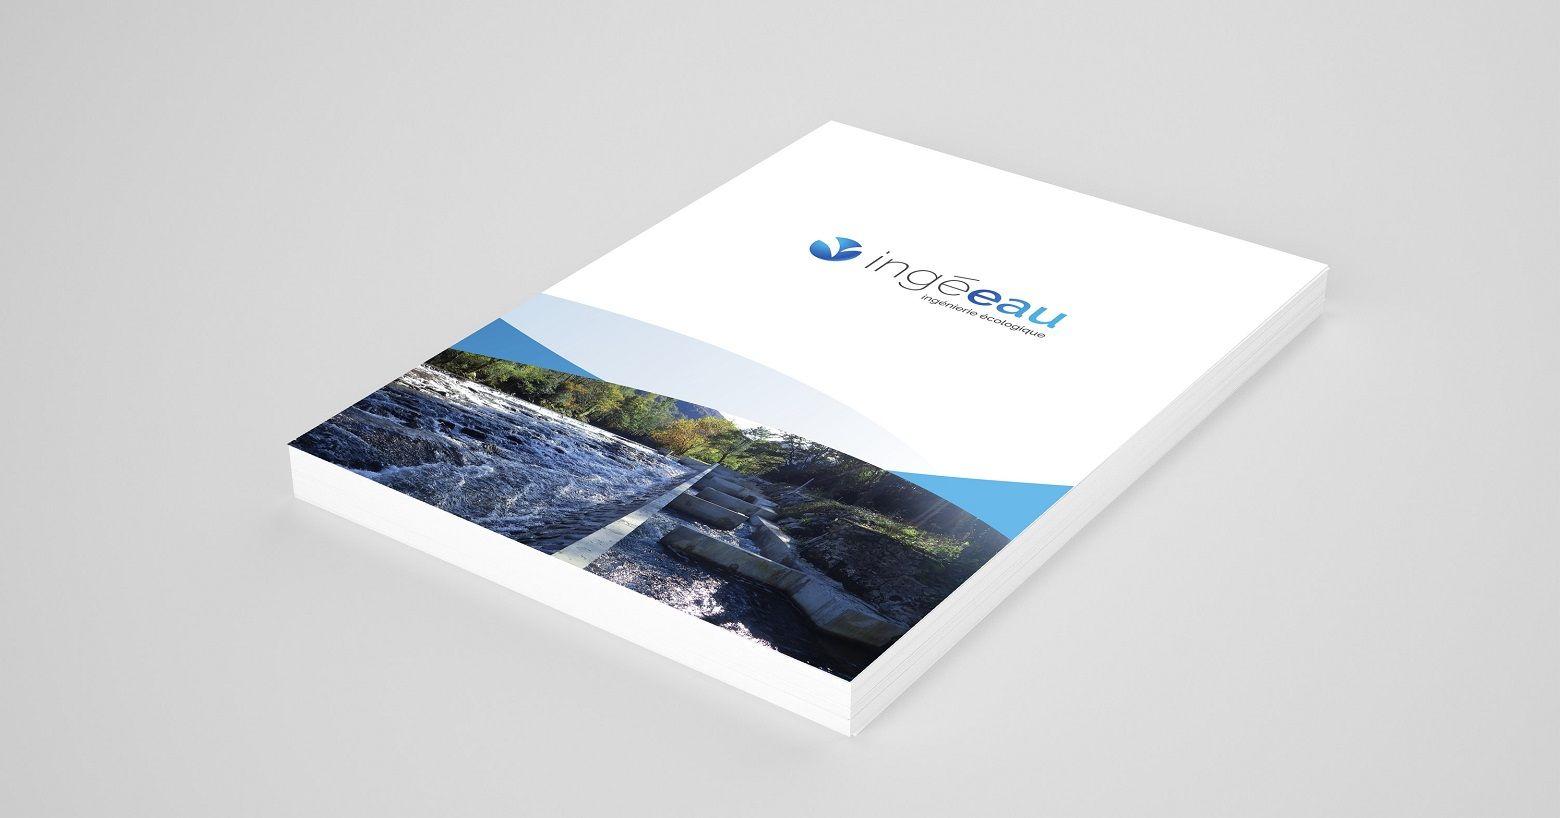 Création des supports de communication imprimés du et du logotype ingé-eau, ingénierie écologique, maîtrise d'oeuvre hydroélectricité, énergie hydraulique, énergies renouvelables